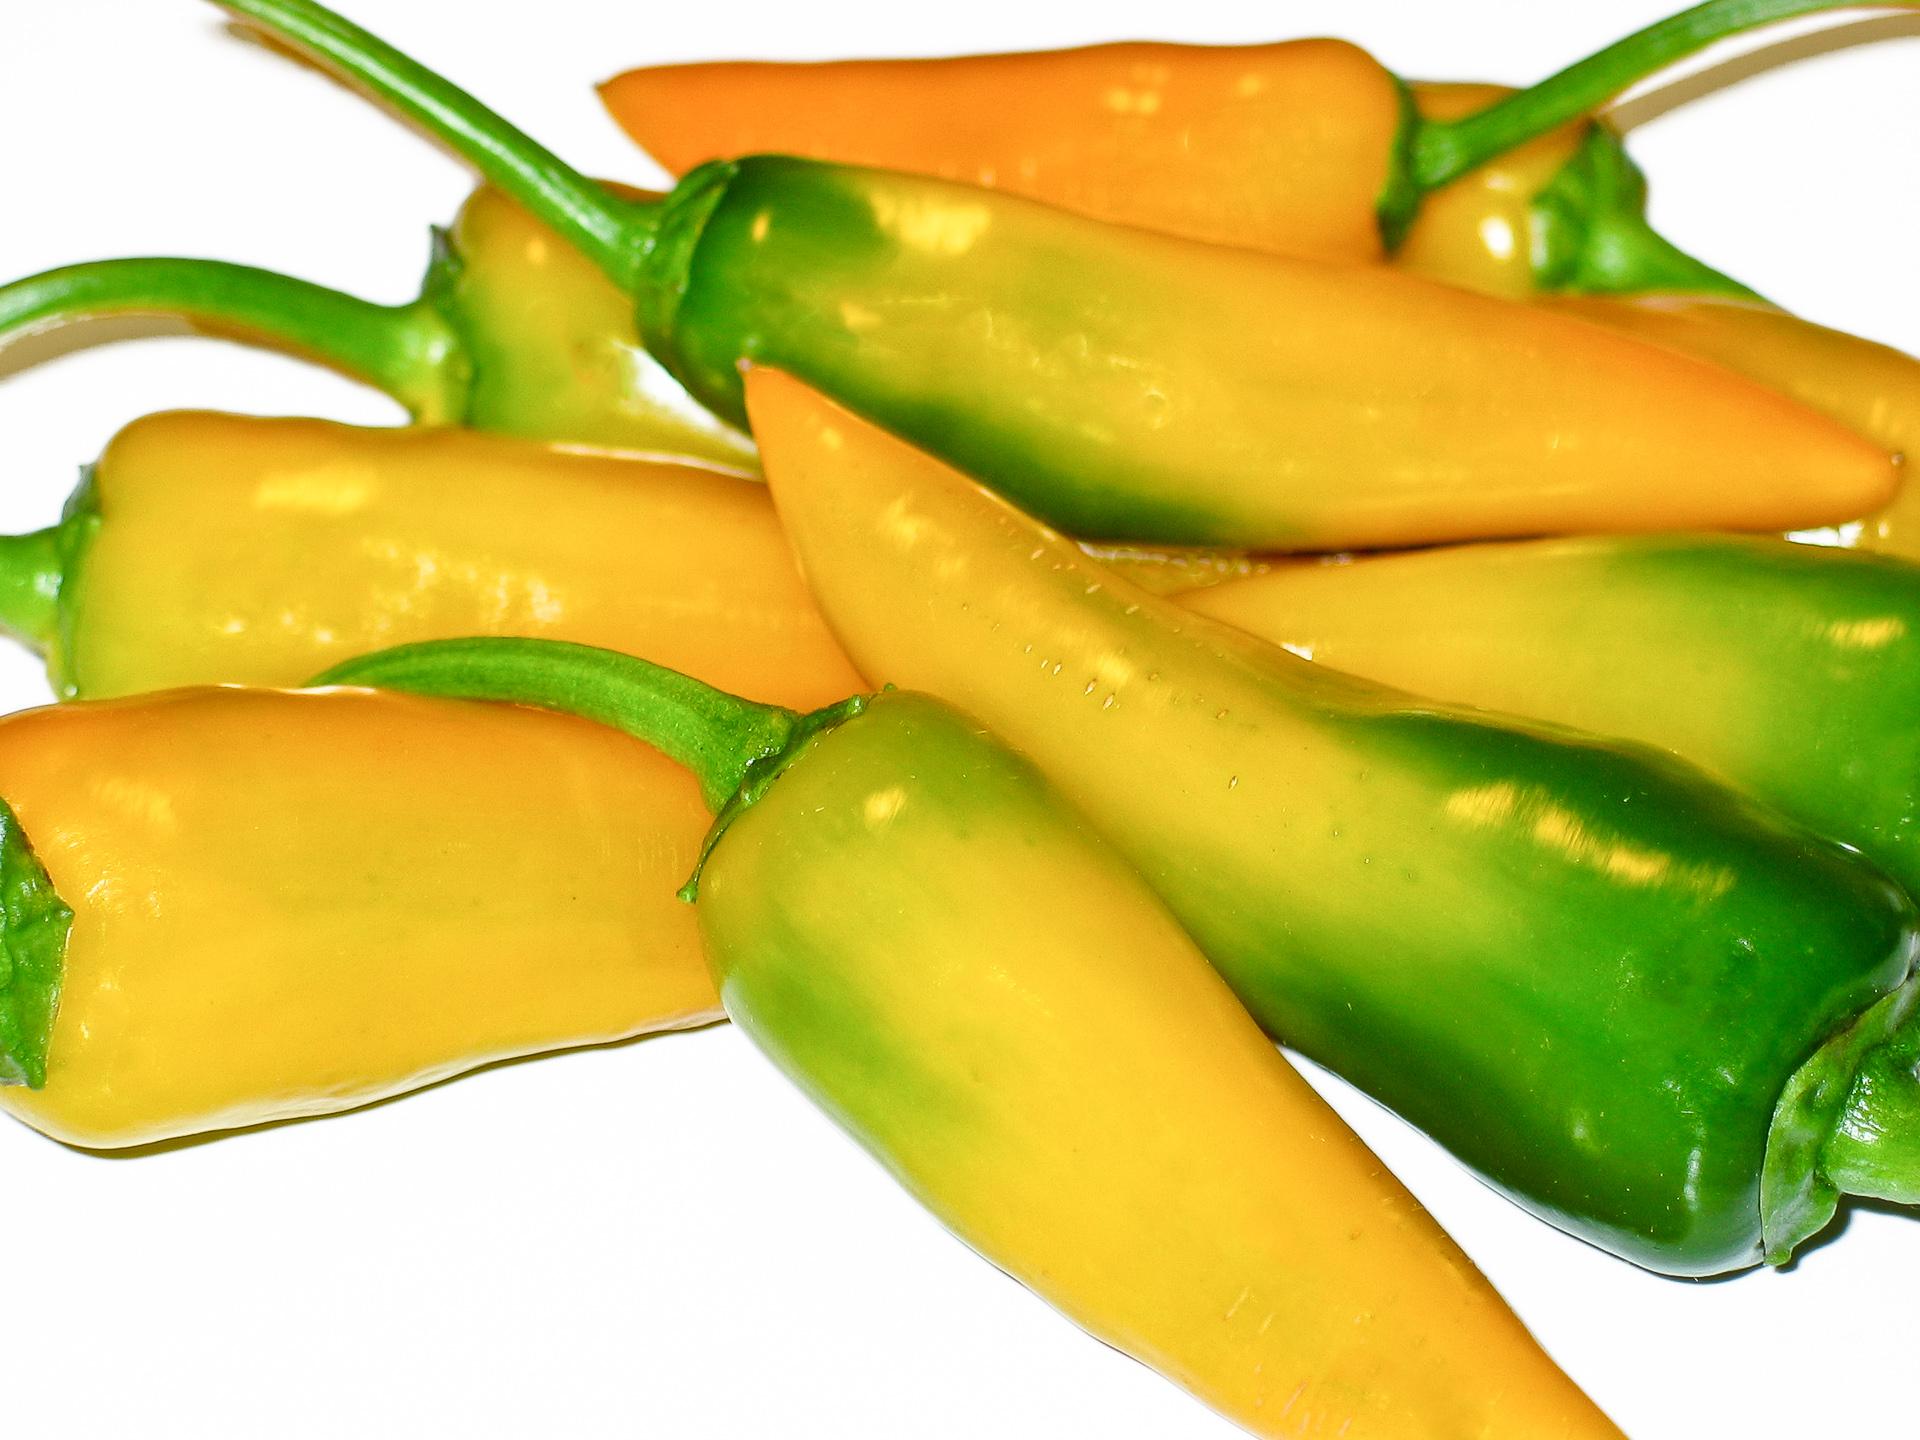 CAP 1530 - Capsicum cardenasii - Chilisorte